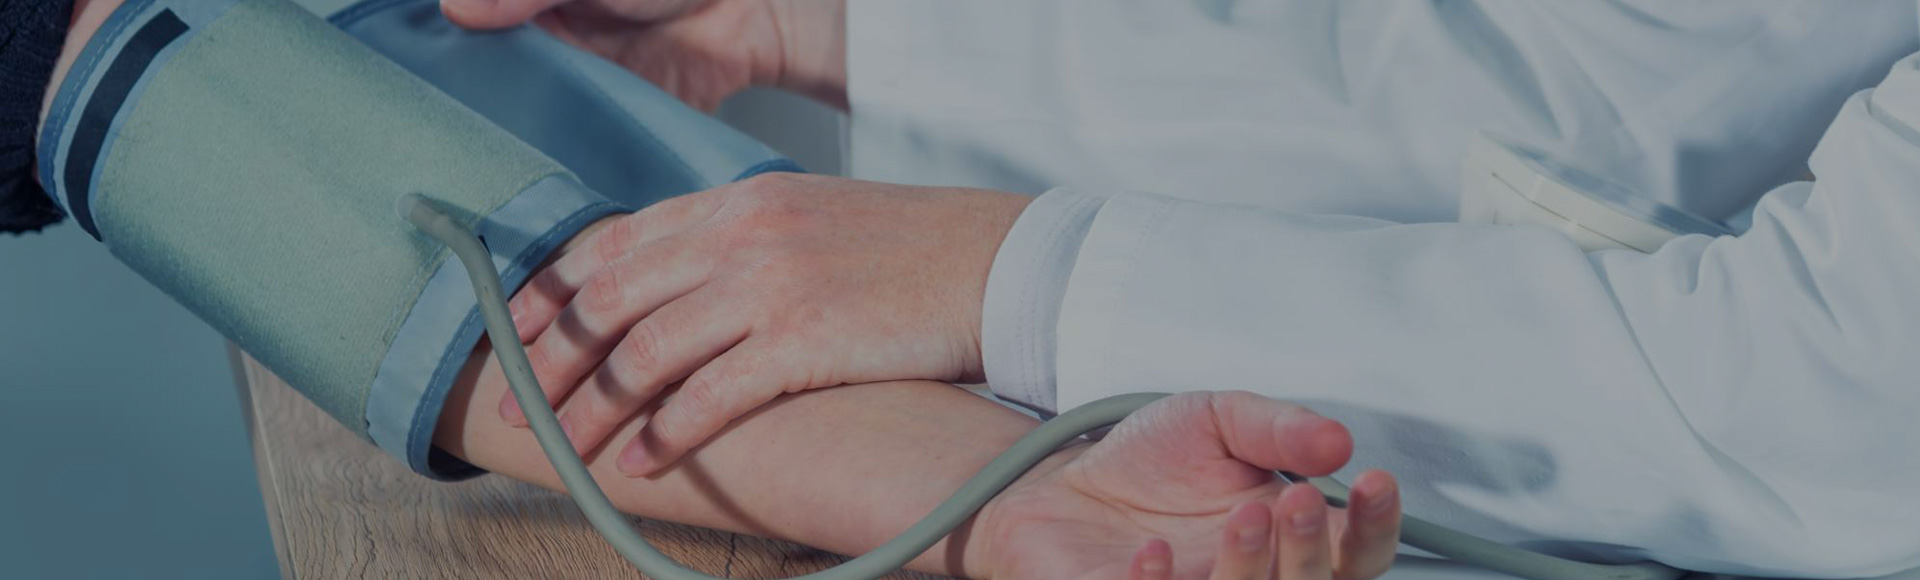 Controllo pressione - Farmacia Morlotti